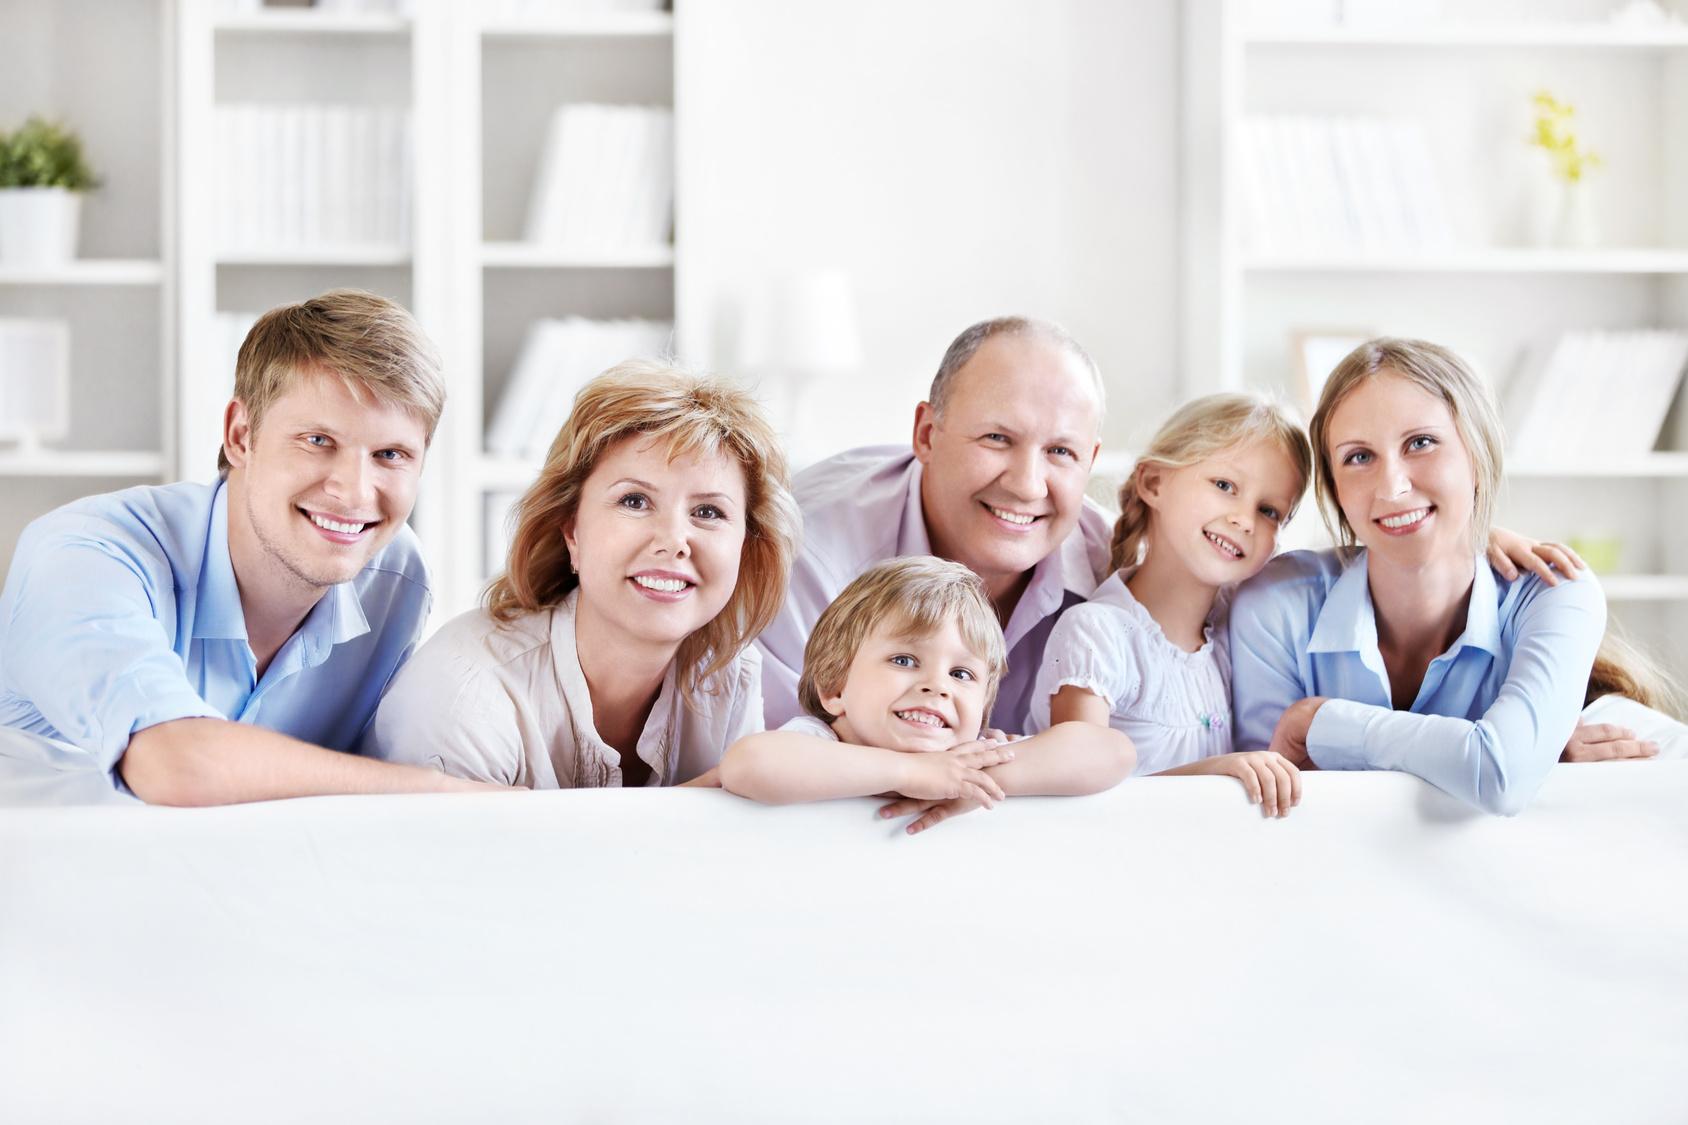 vous voulez devenir famille d 39 accueil pour h te tranger payant expat agency lyon. Black Bedroom Furniture Sets. Home Design Ideas